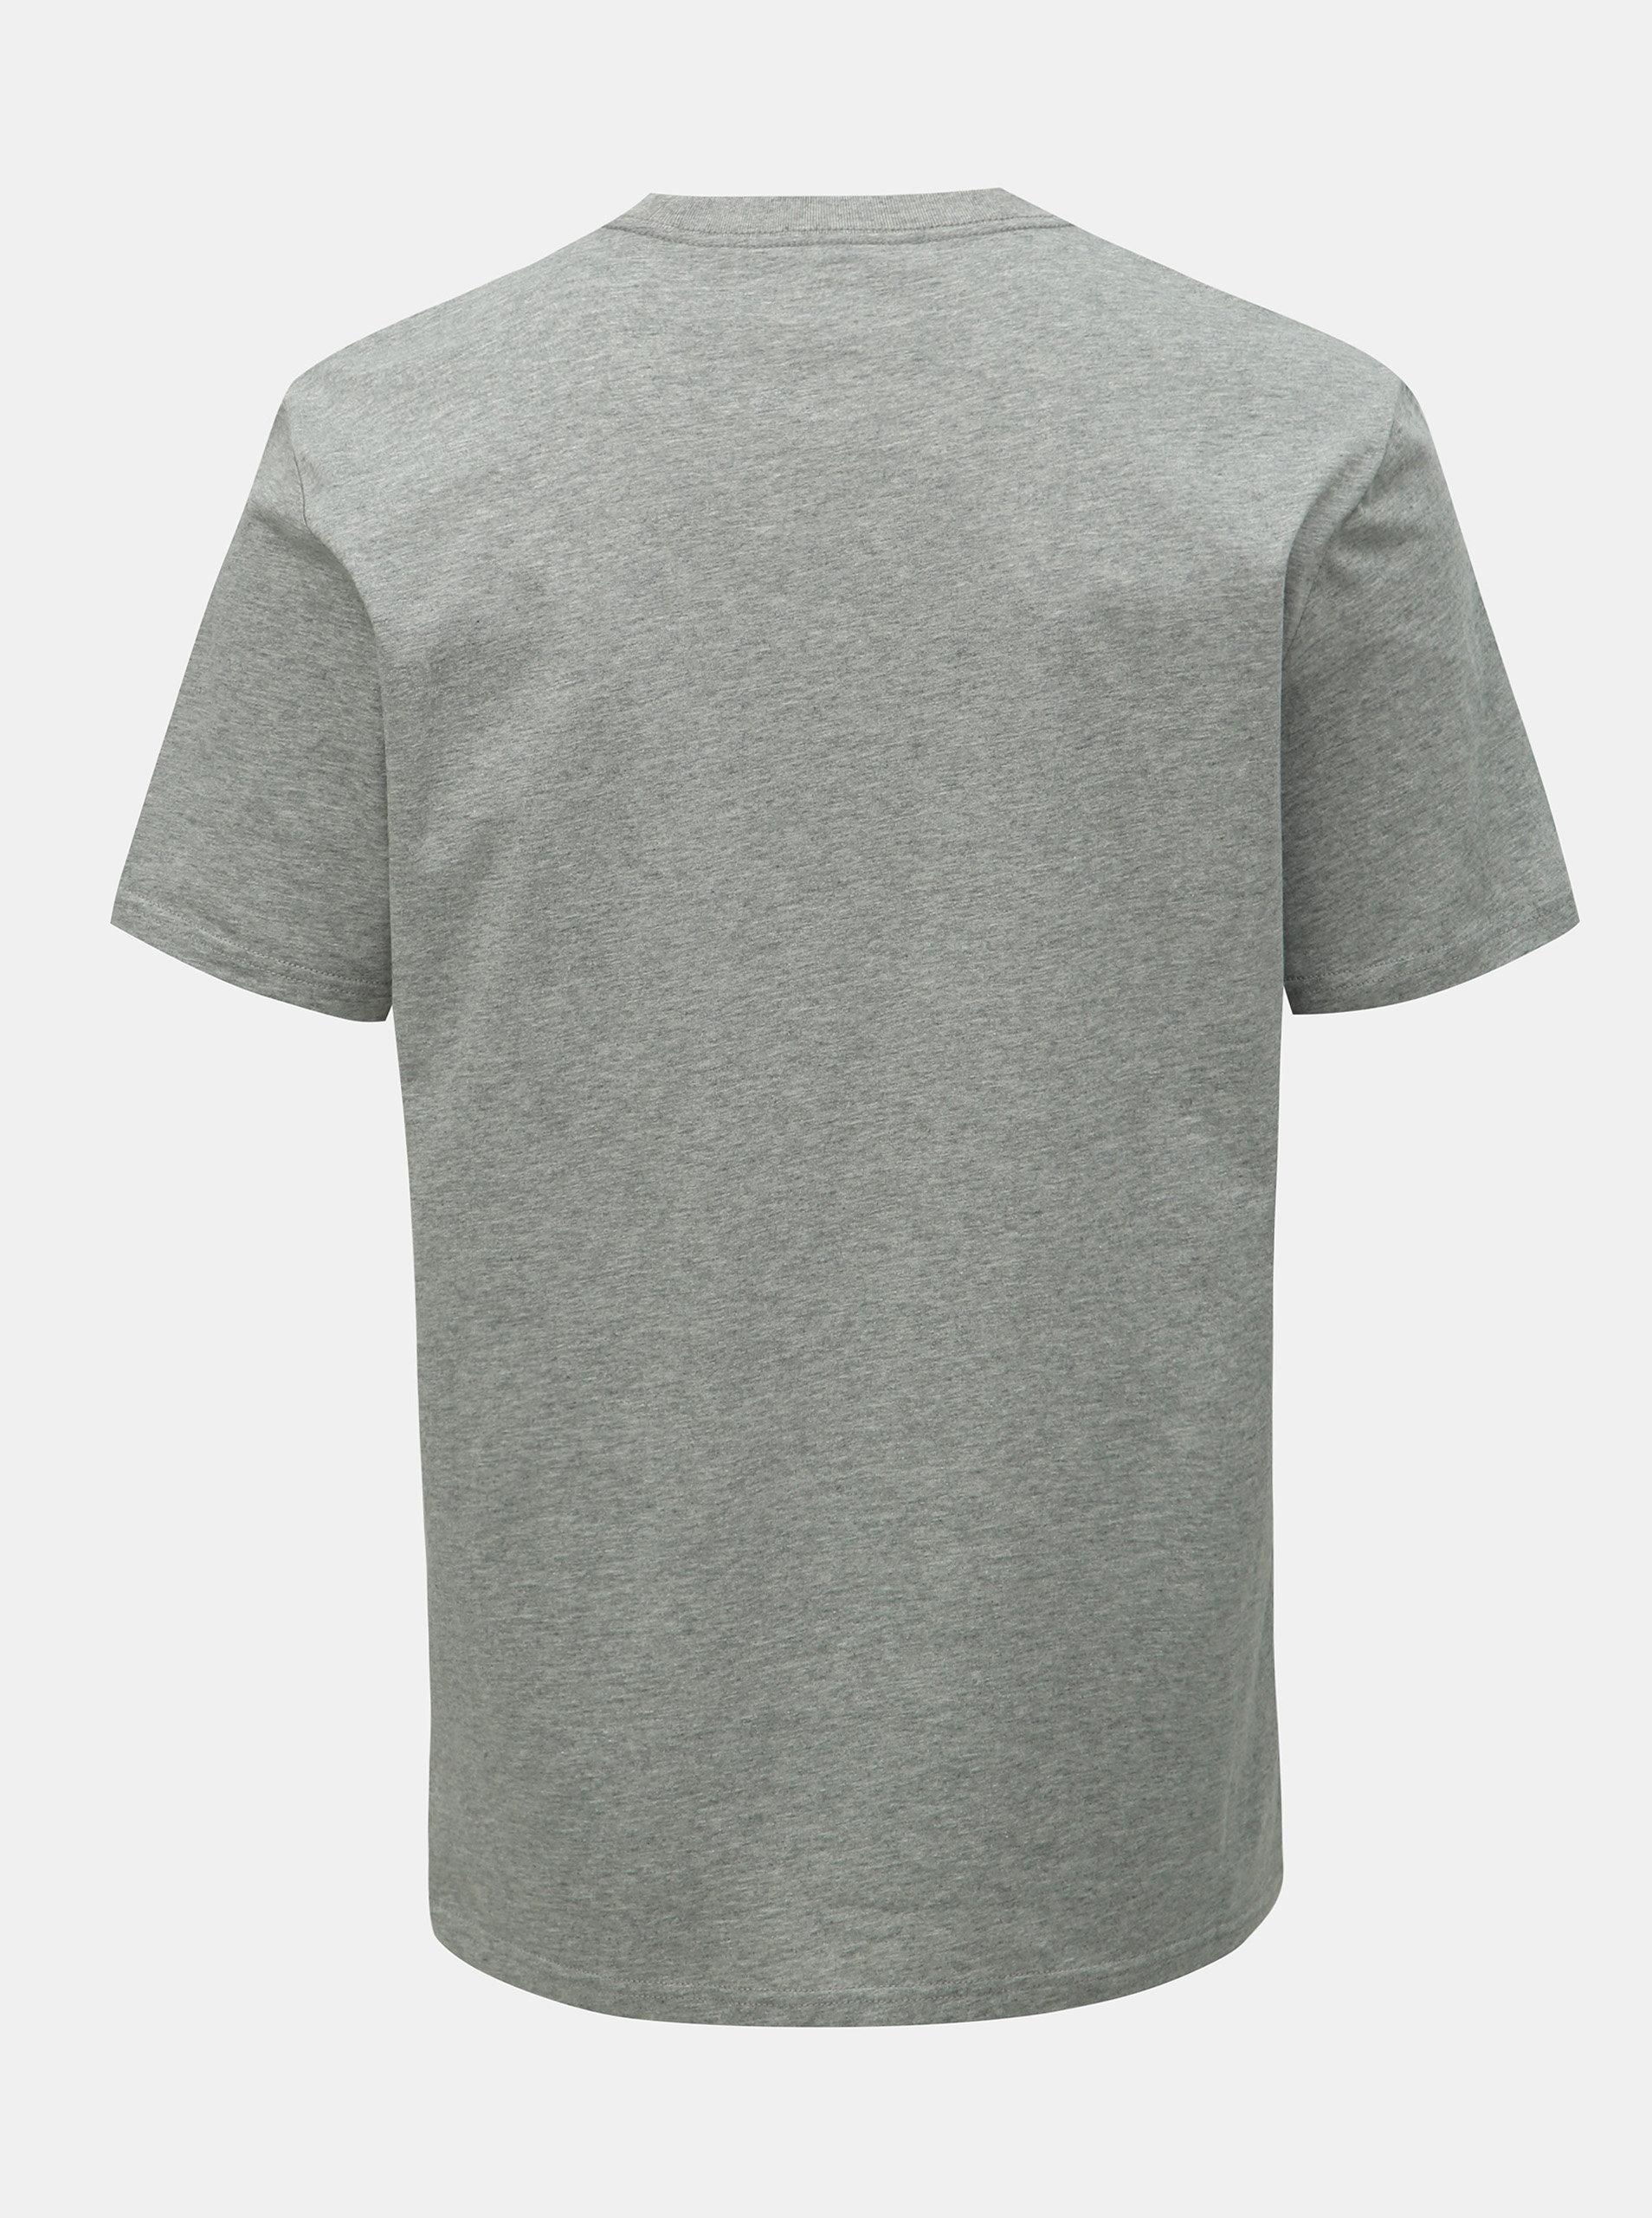 887b91bd6995 Sivé pánske tričko s potlačou Converse ...